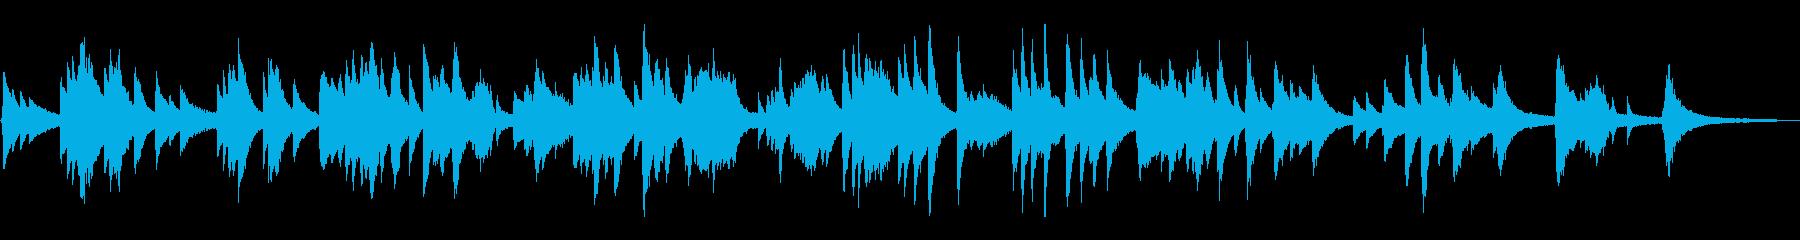 ゆったり静かなジャズ風ラウンジピアノソロの再生済みの波形